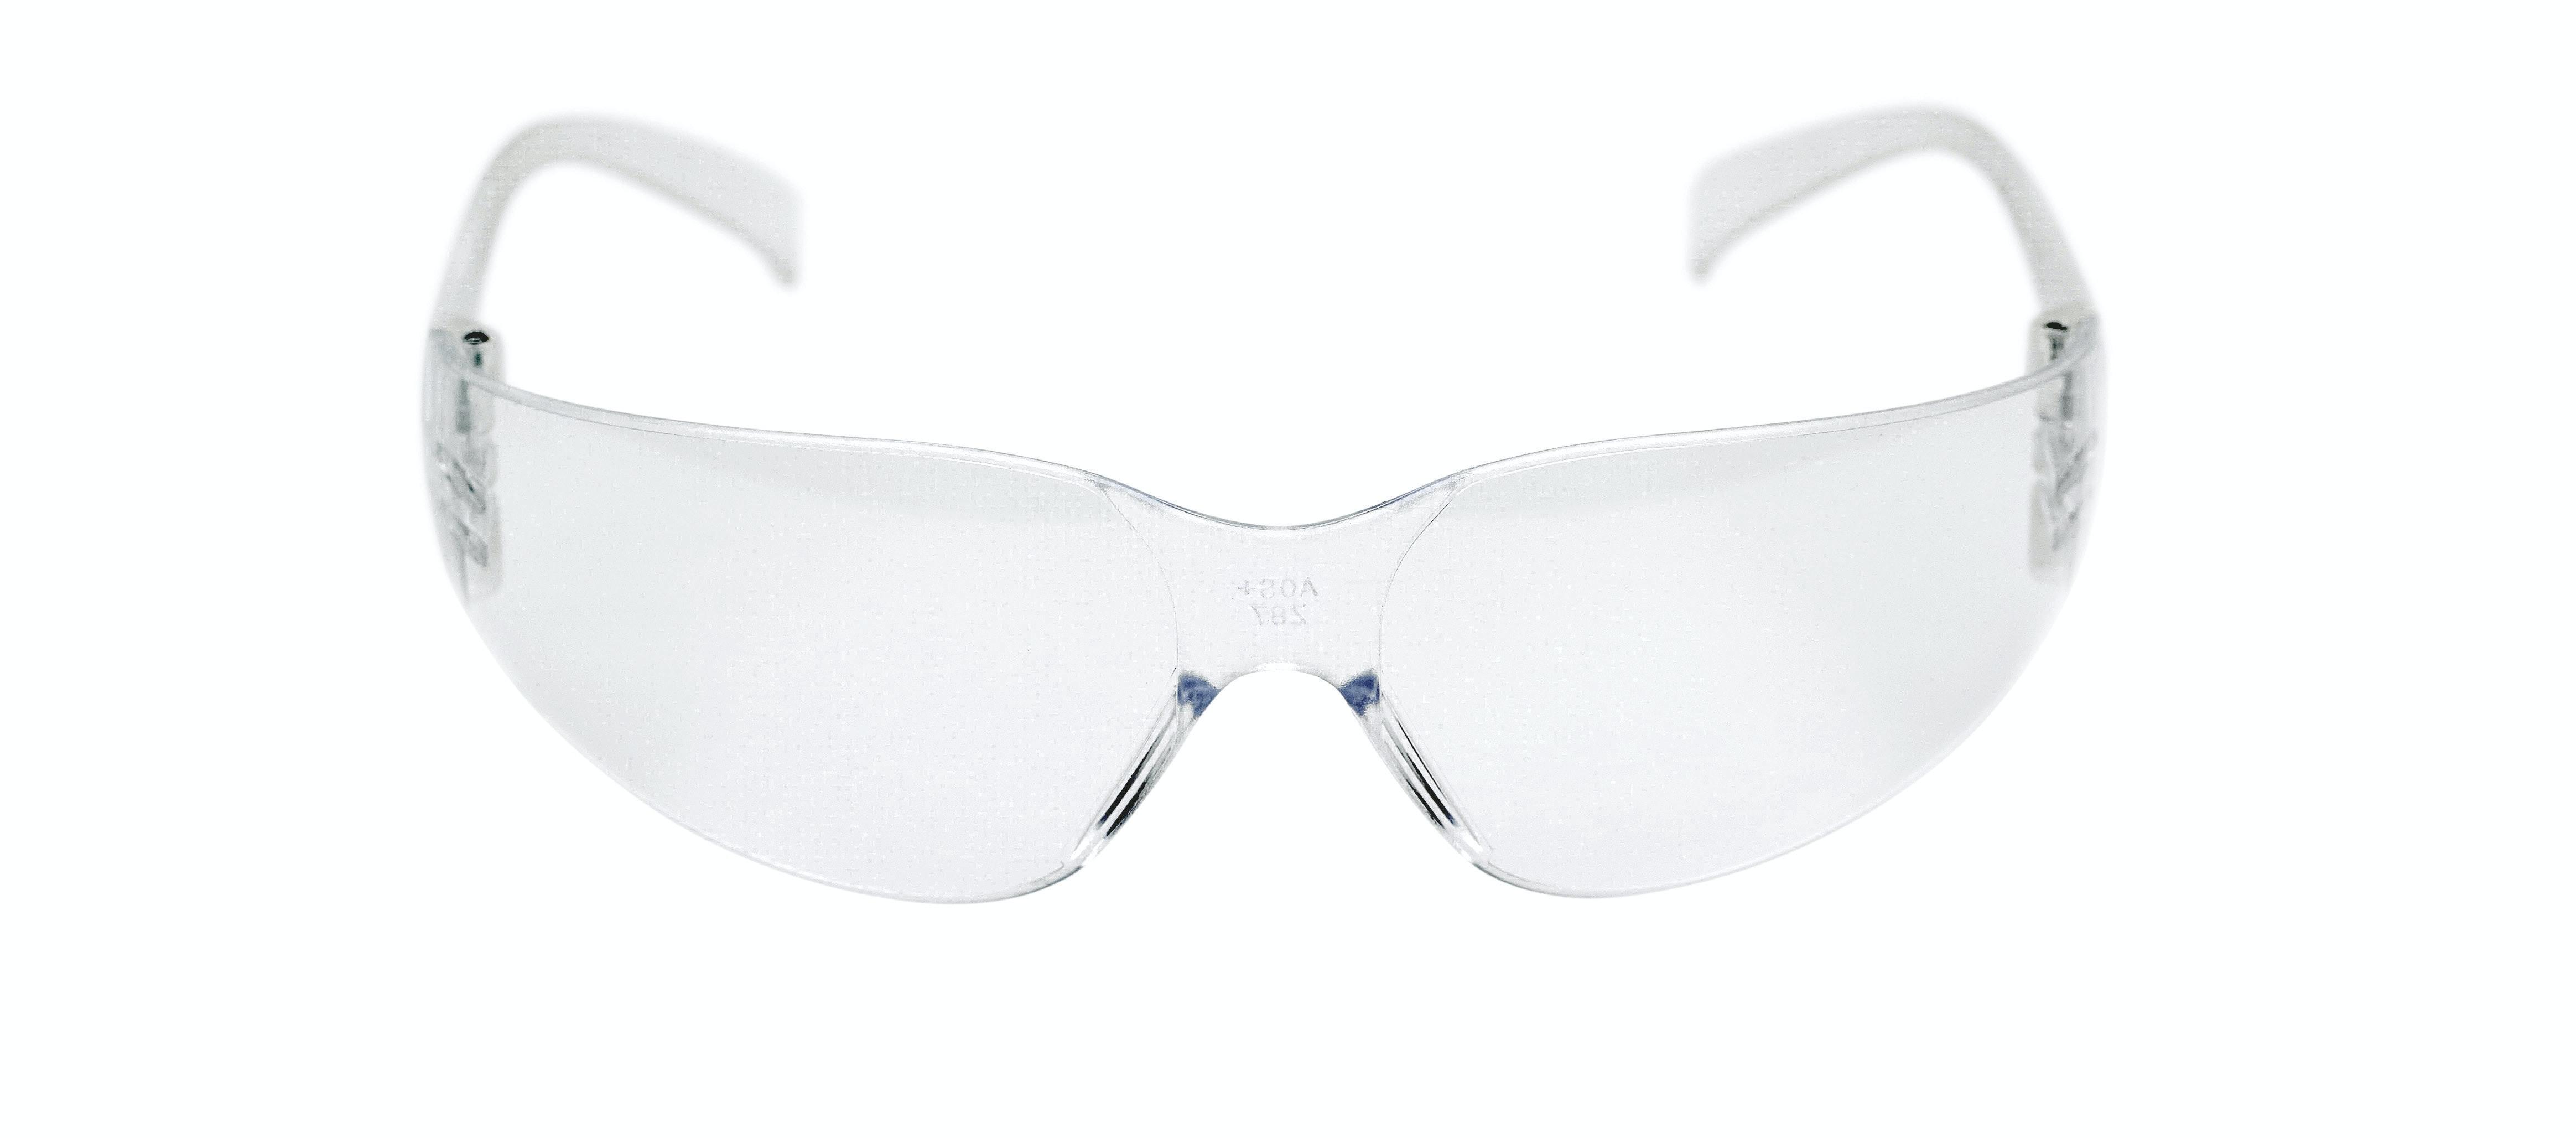 Skyddsglasögon 3M Virtua, Klar